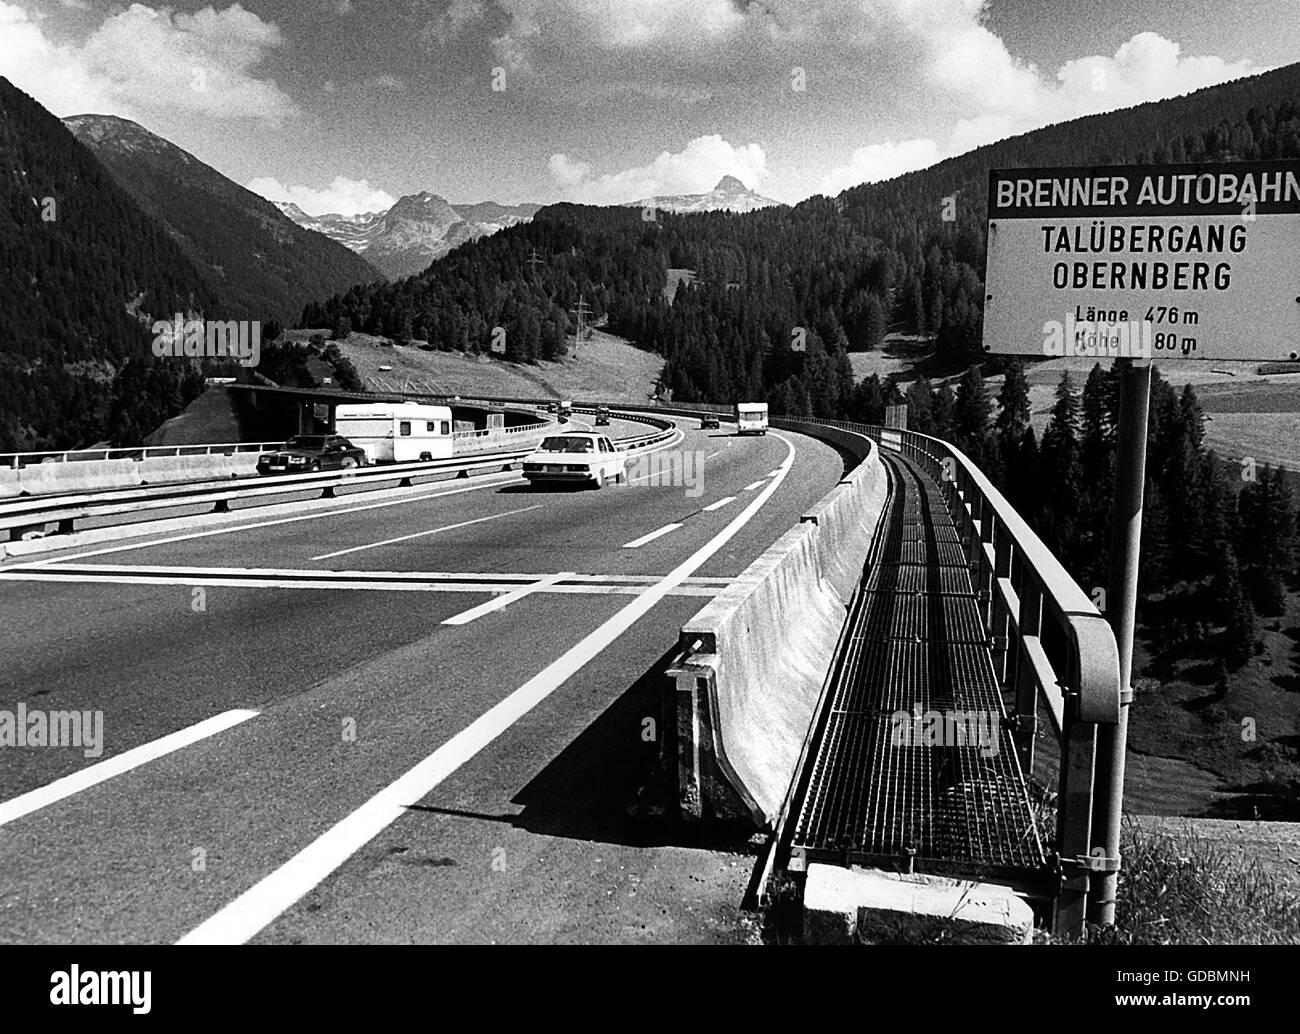 Verkehr Brennerautobahn A13